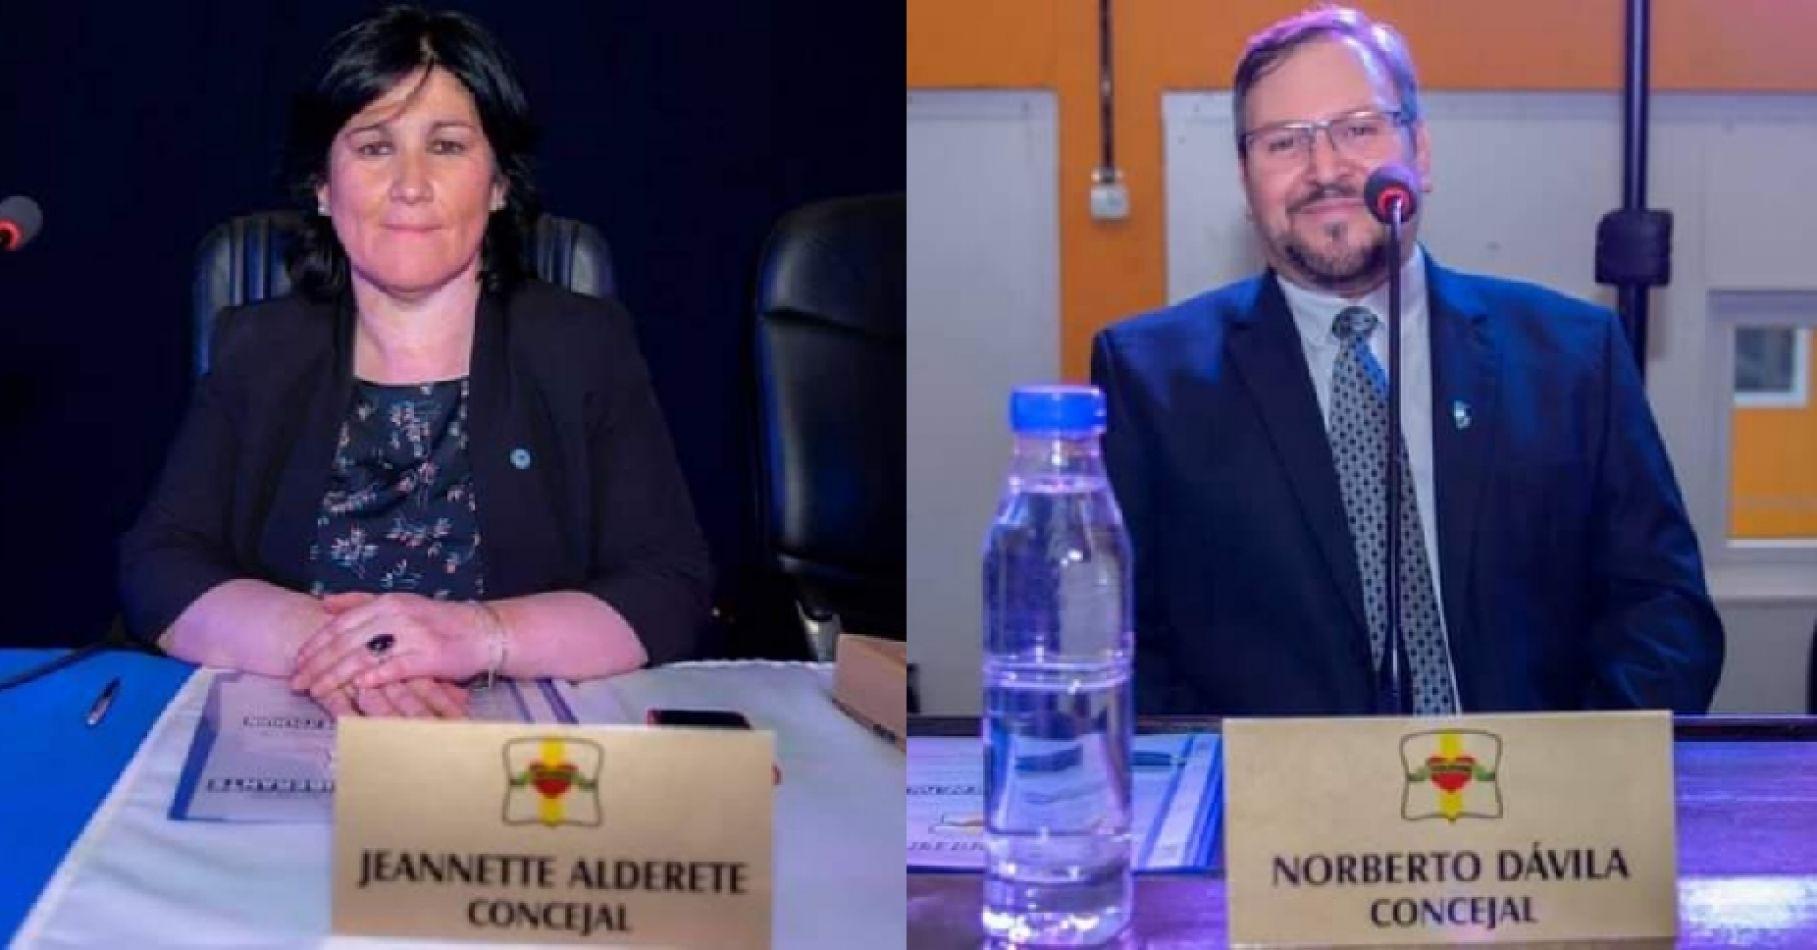 """Los concejales Jeannette Alderete y Norberto Dávila se alejaron de """"Nuevo País"""" y formaron el bloque """"7 de mayo""""."""